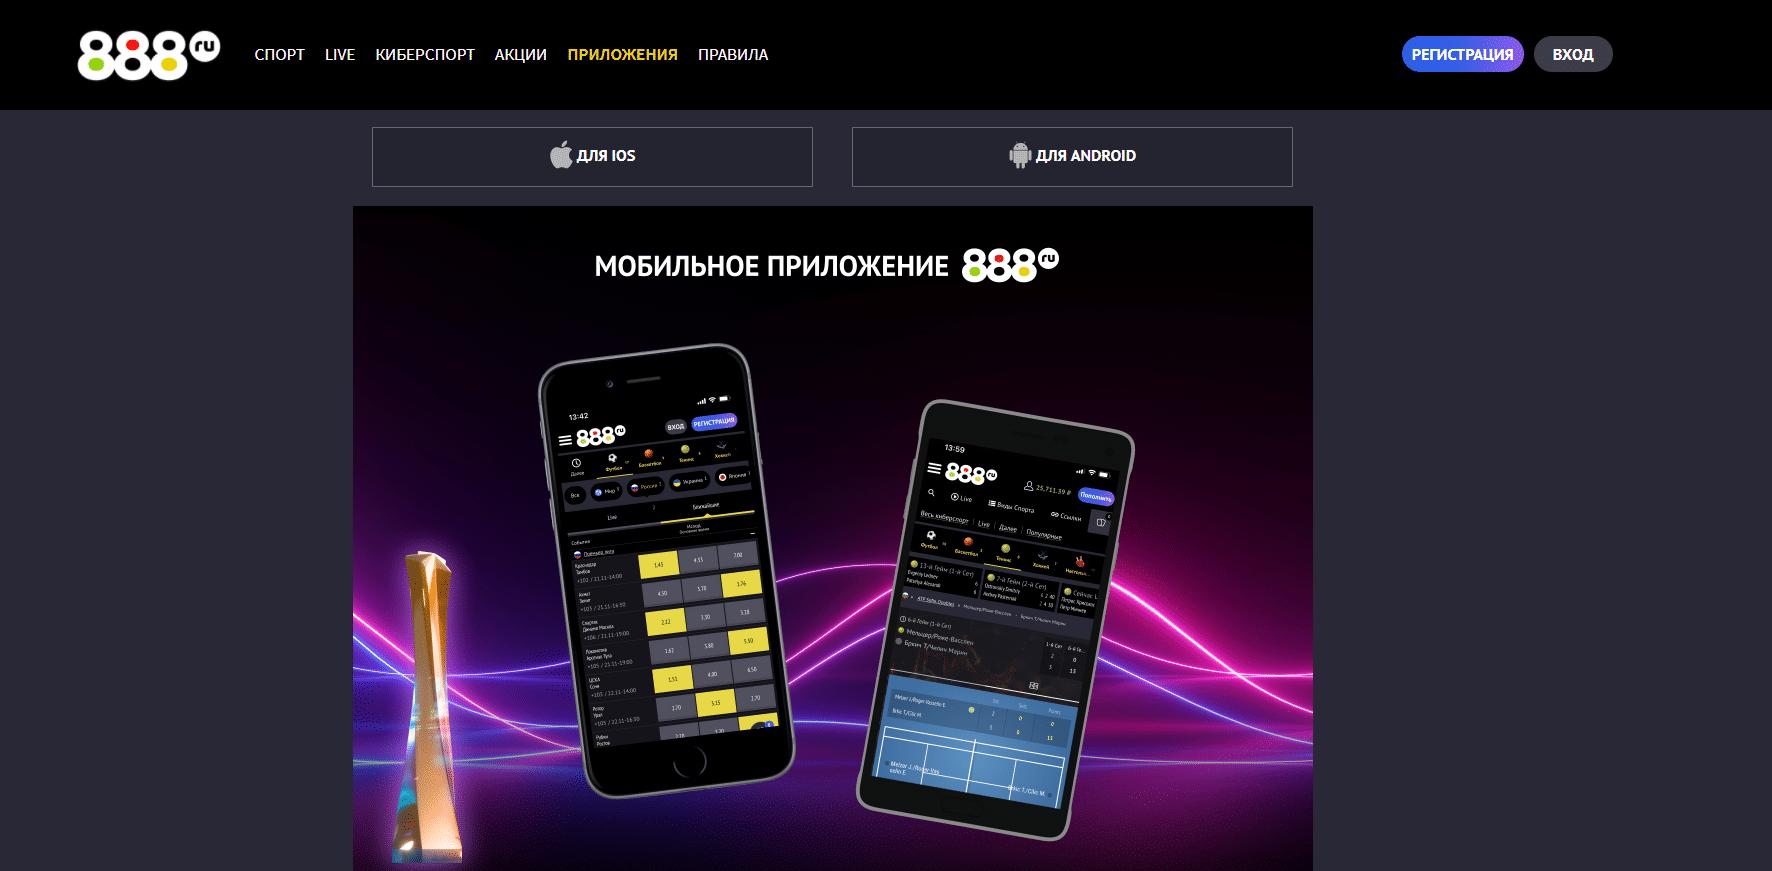 Приложение букмекерской конторы 888.ru для Android и iPhone